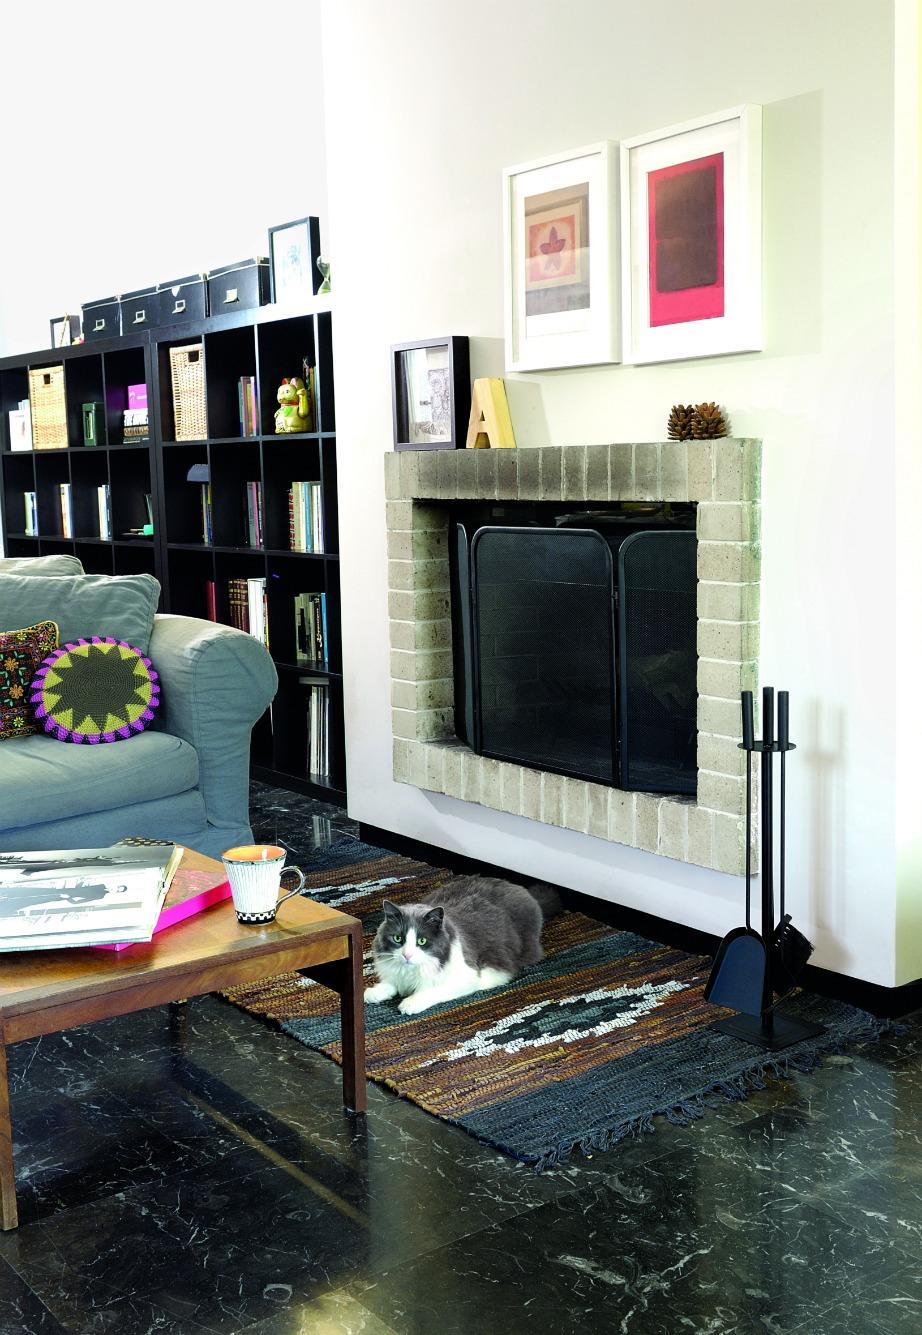 Τα τζάκια αποτελούν μια ωραία ιδέα για να ζεστάνετε το σπίτι σας, δίνοντάς του ταυτόχρονα και στιλ.